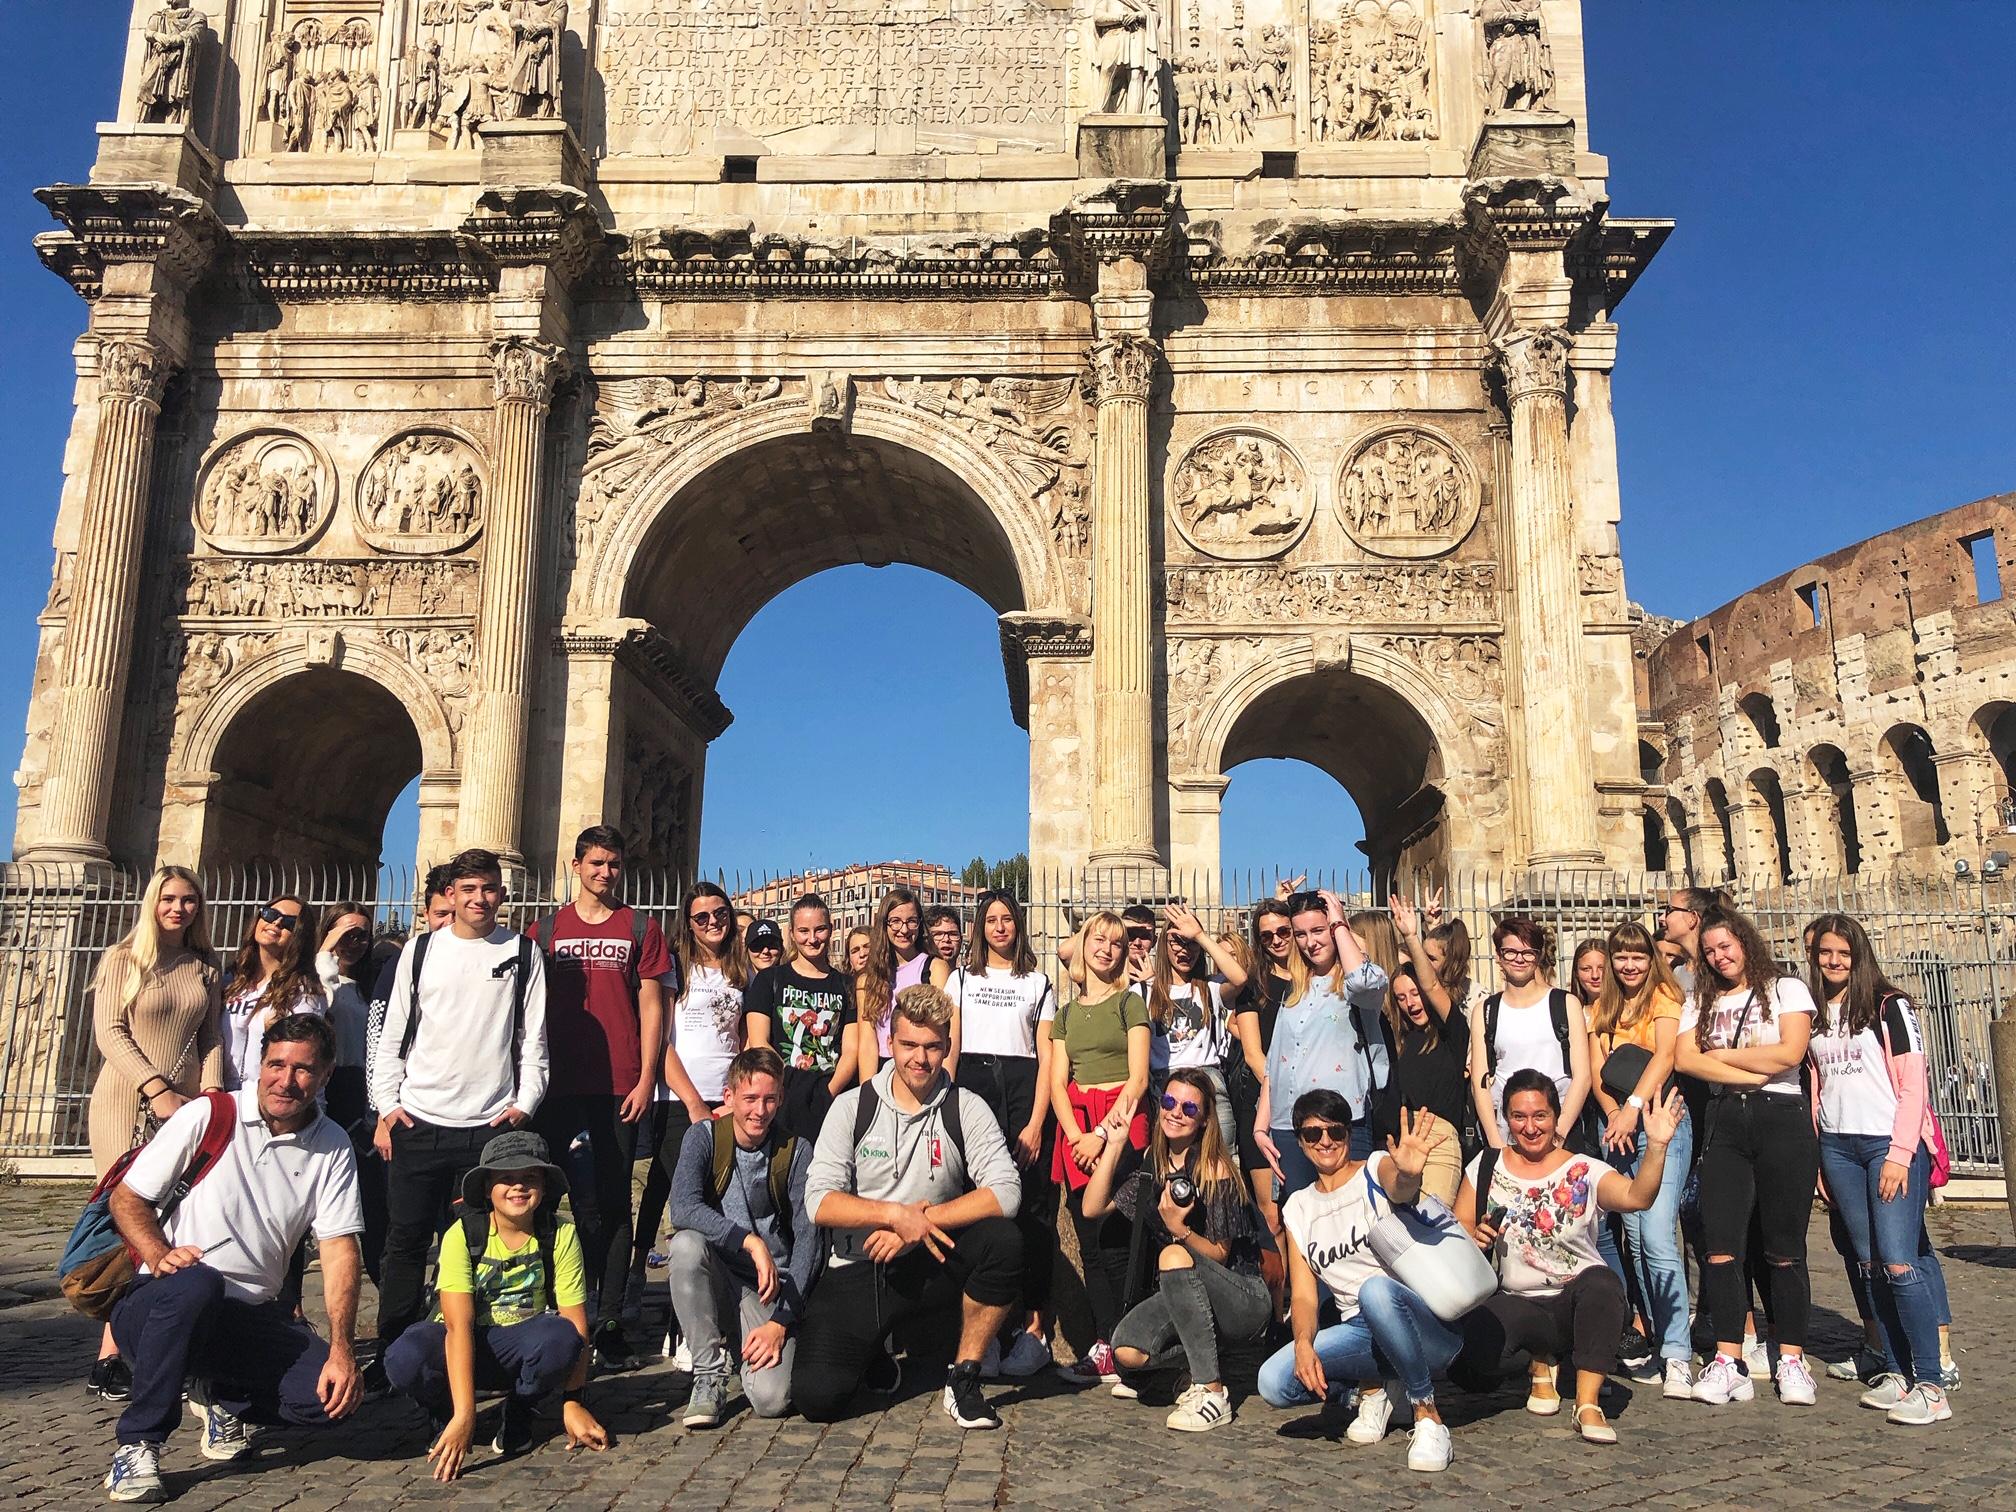 Ekskurzija v večno mesto – Rim